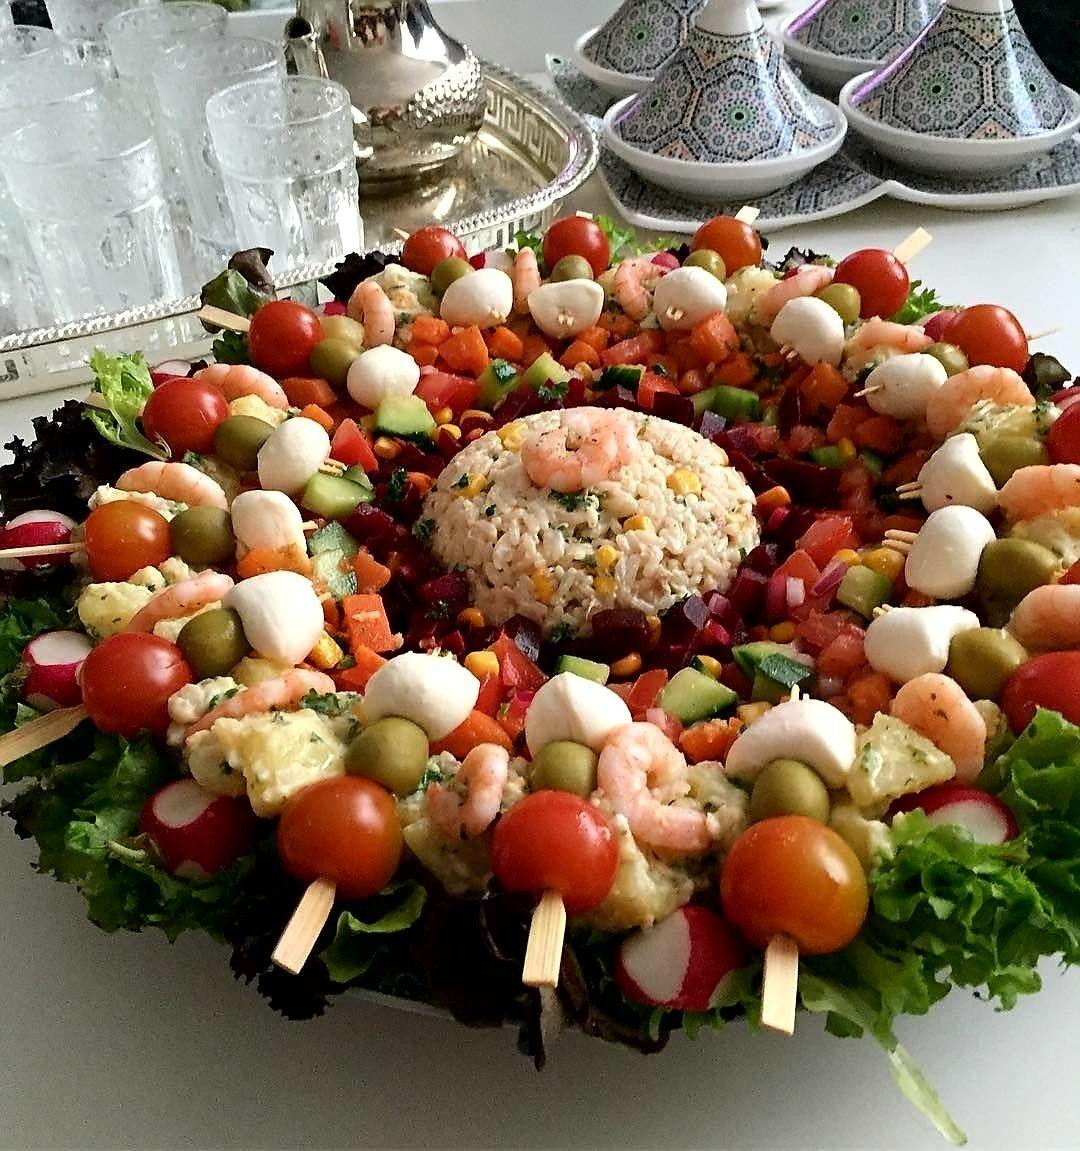 Salade royale   Salade marocaine, Cuisine marocaine, Repas marocain